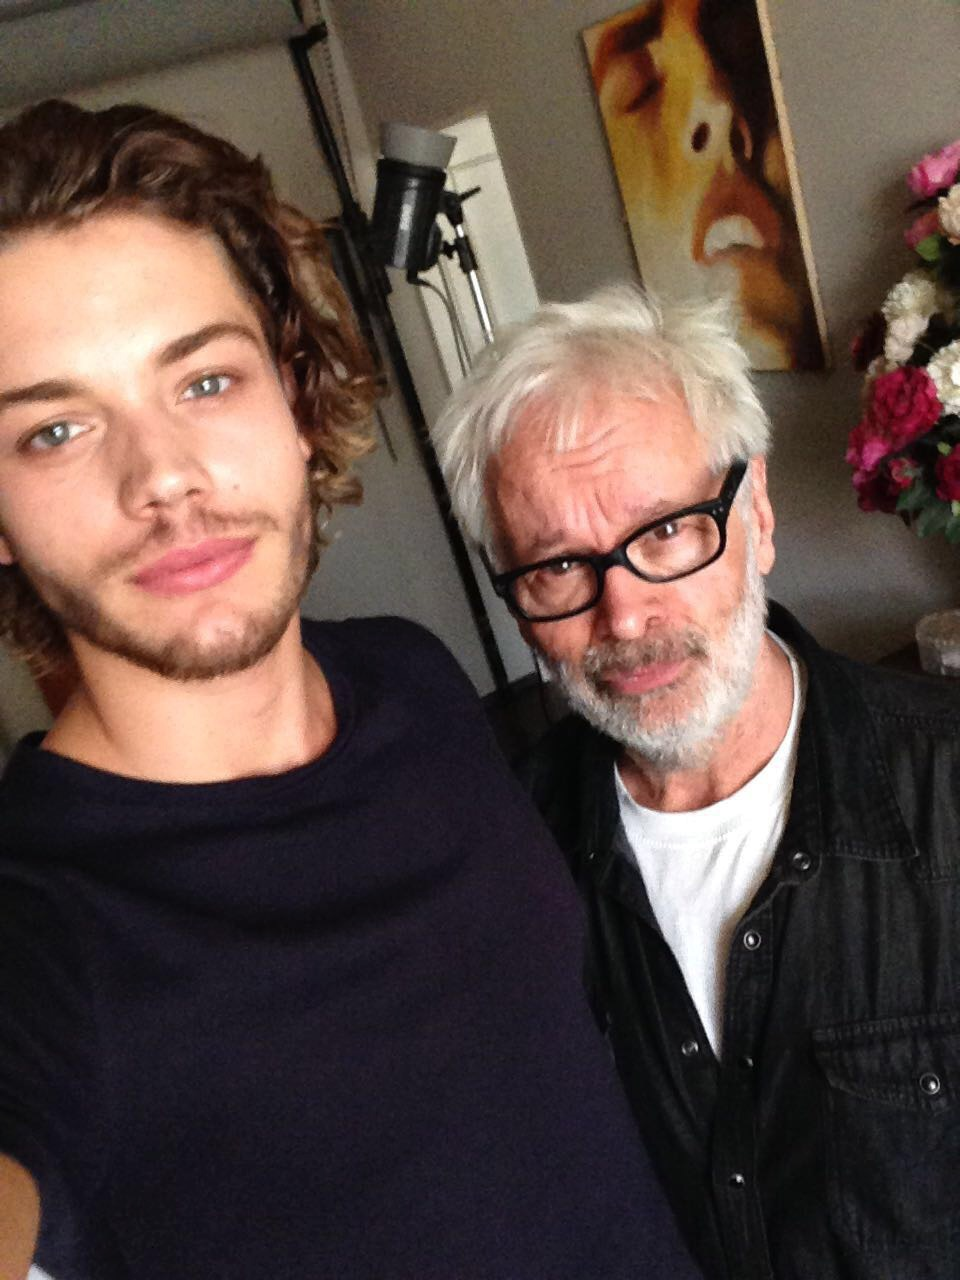 Selfie s mistrem si Roman nemohl nechat ujít.